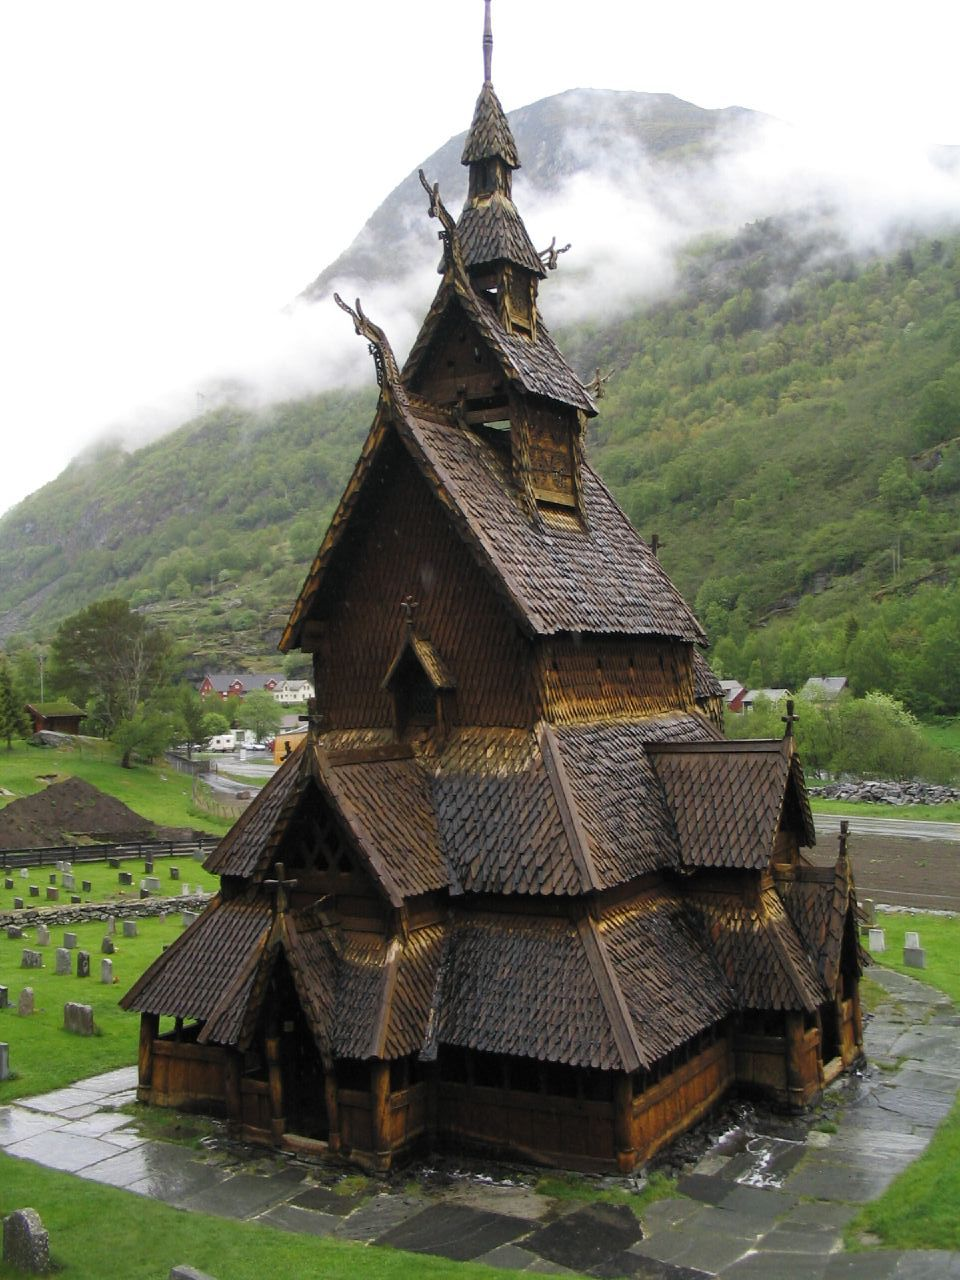 http://1.bp.blogspot.com/_t_l4i_uQ_VI/S899BtJVG1I/AAAAAAAAAlw/nWF05DAj2Yk/s1600/Borgund_stave_church.jpg